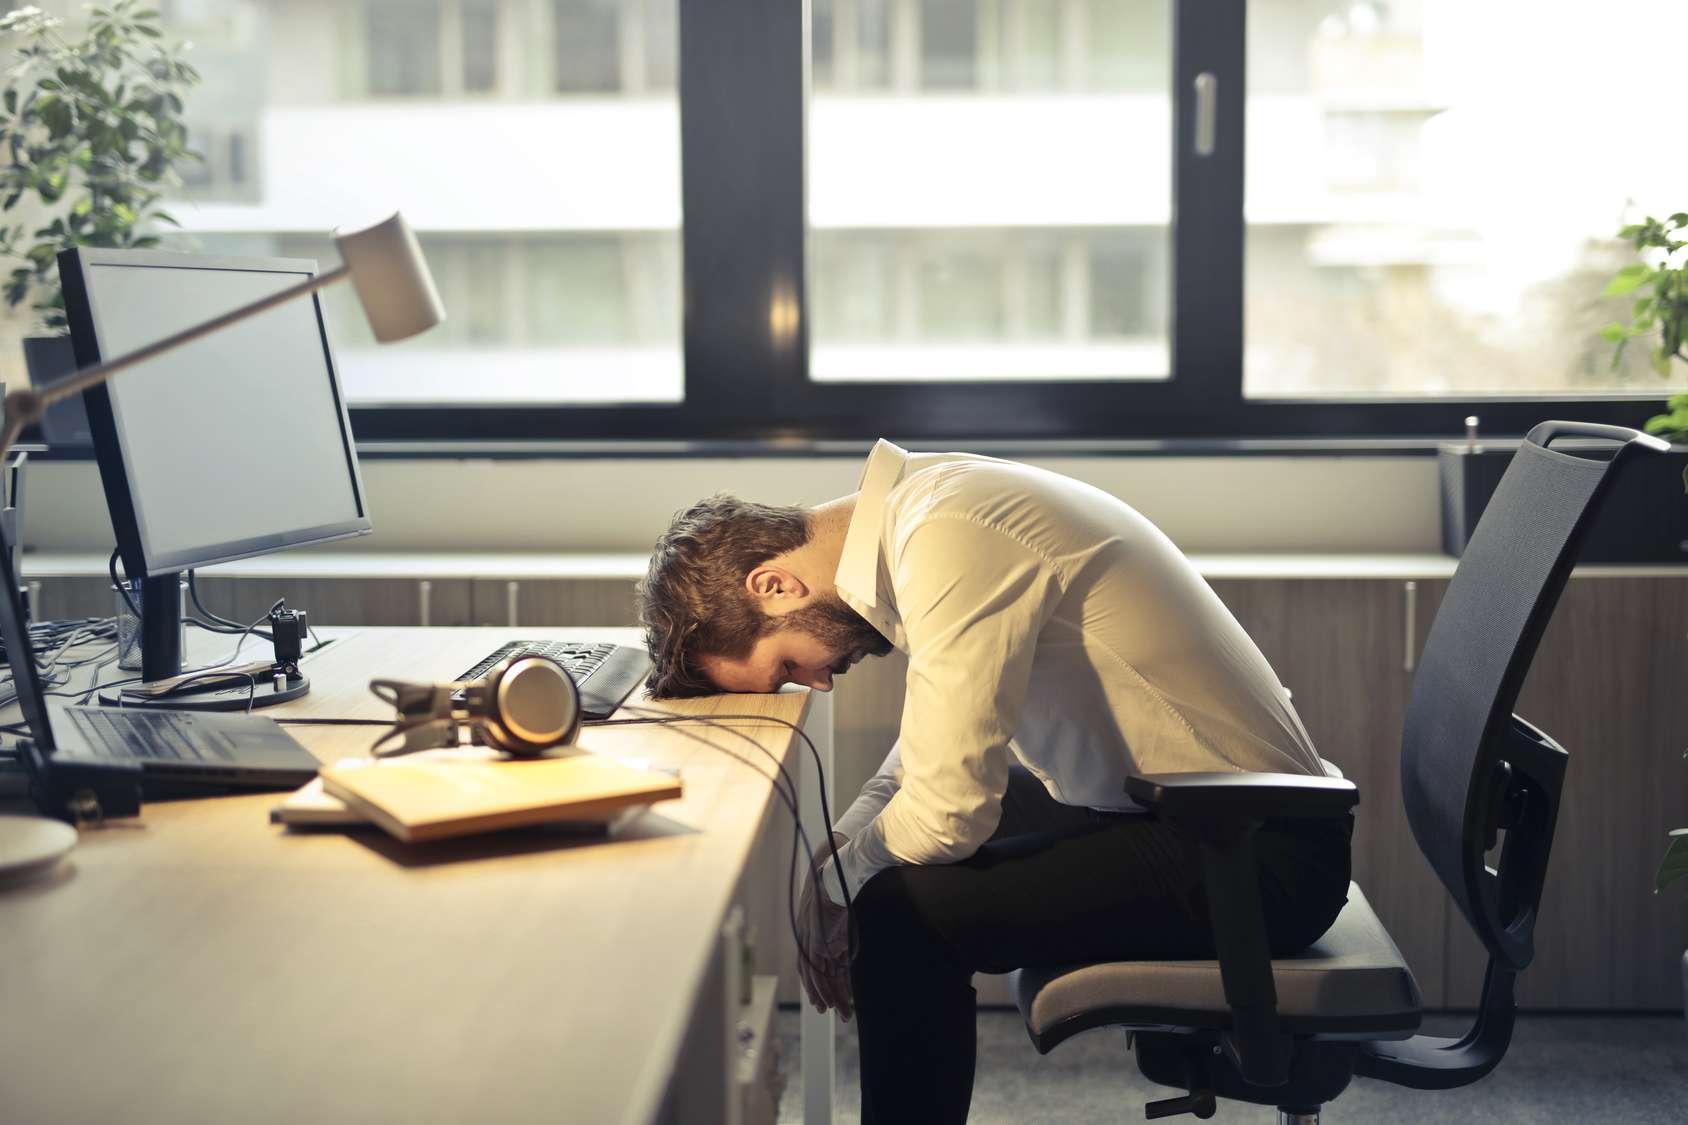 Les hommes touchés par le dysfonctionnement érectile sont plus susceptibles de déclarer une baisse de productivité au travail que les hommes sans troubles de ce genre (24,8 % contre 11,2 %), selon une étude réalisée sur plus de 52.000 hommes issus de huit pays différents. © olly, Fotolia